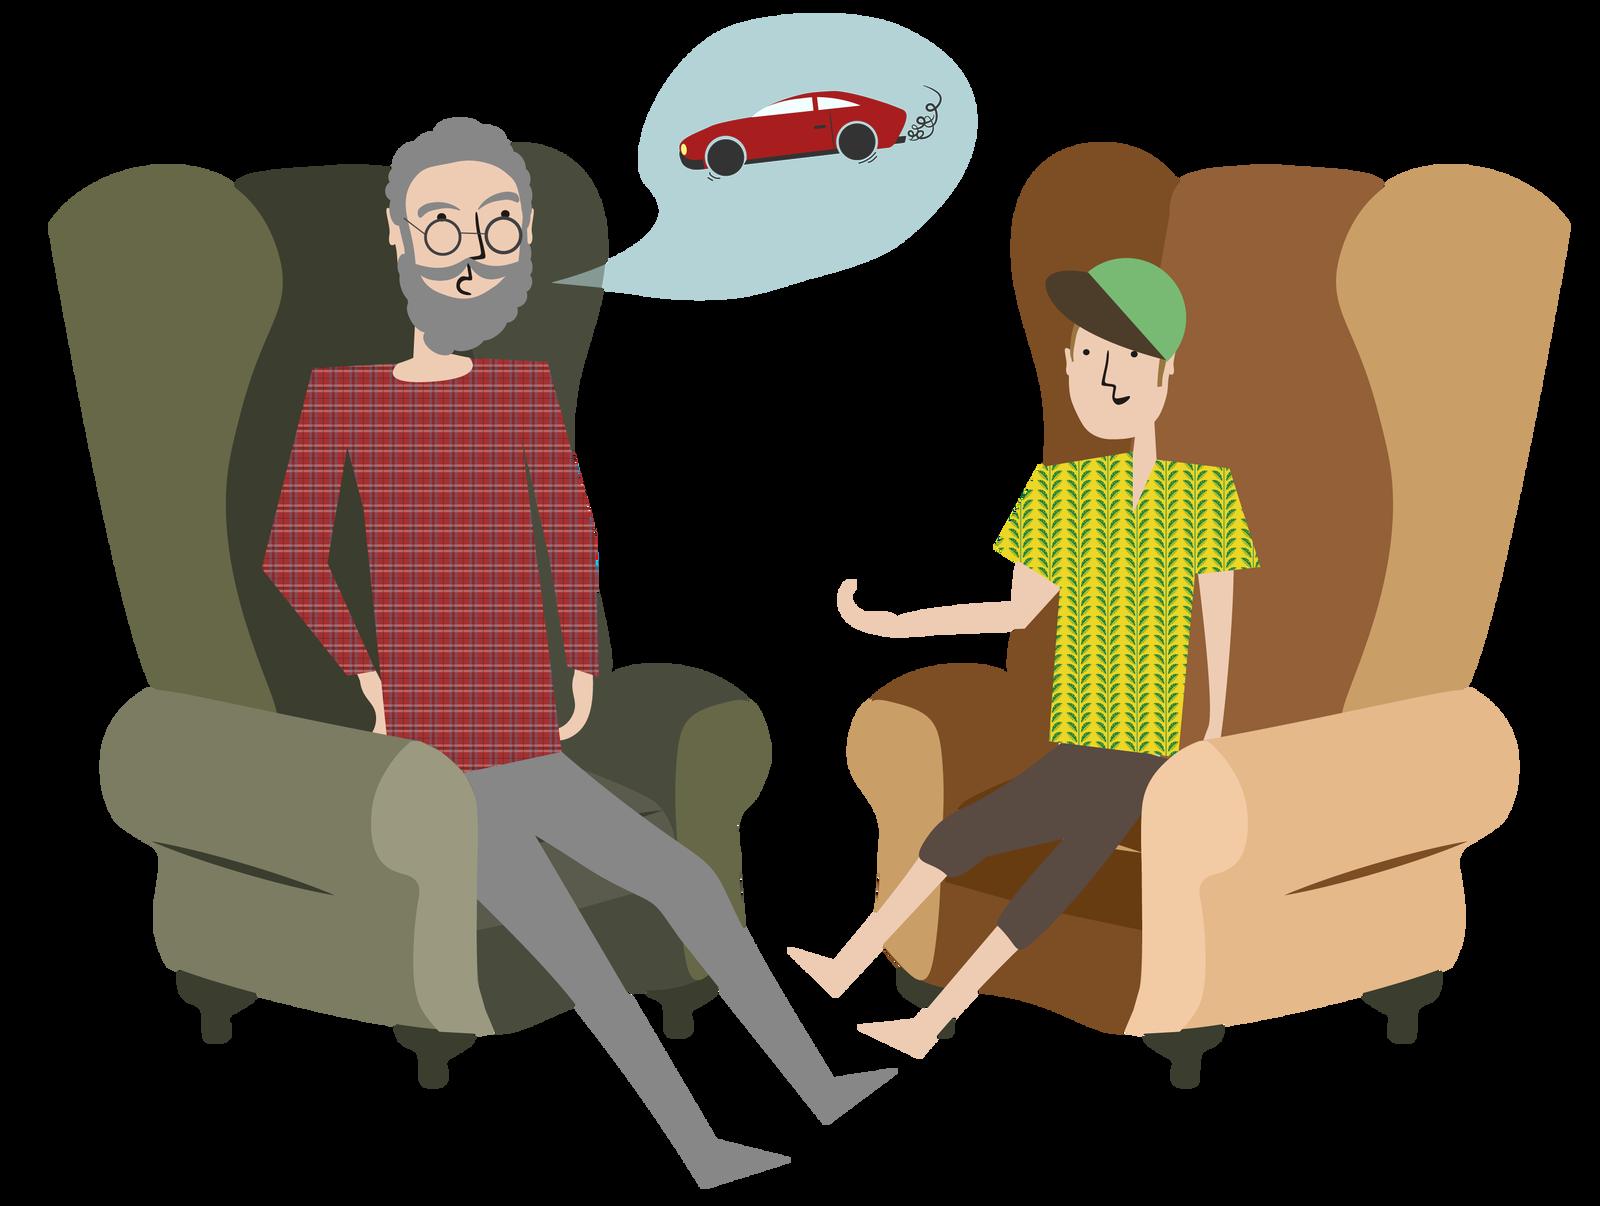 Rysunek - brodaty mężczyzna wokularach ichłopiec wzielonej czapce siedzą naprzeciwko siebie na fotelach. Nad głową mężczyzny jest dymek zrysunkiem czerwonego samochodu.